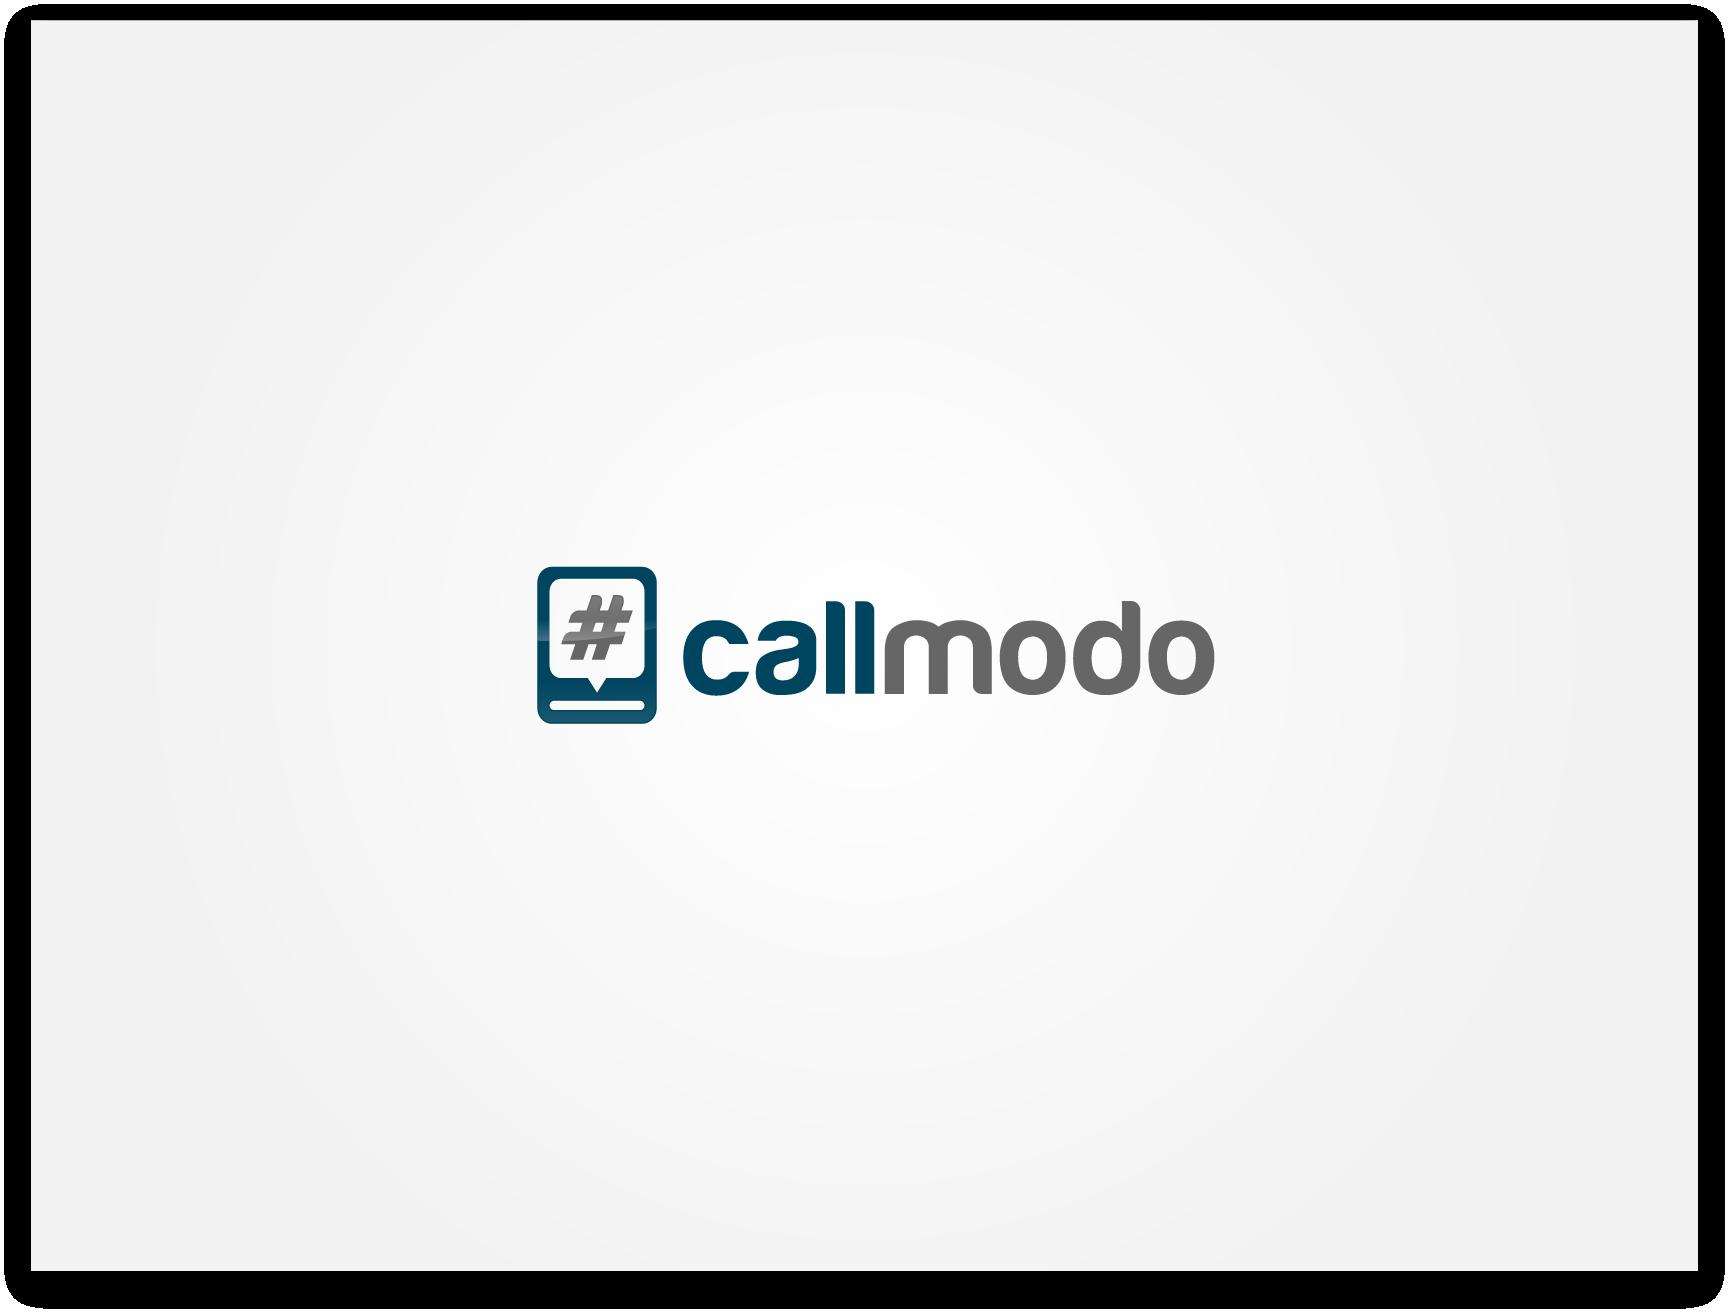 Help CallModo with a new logo